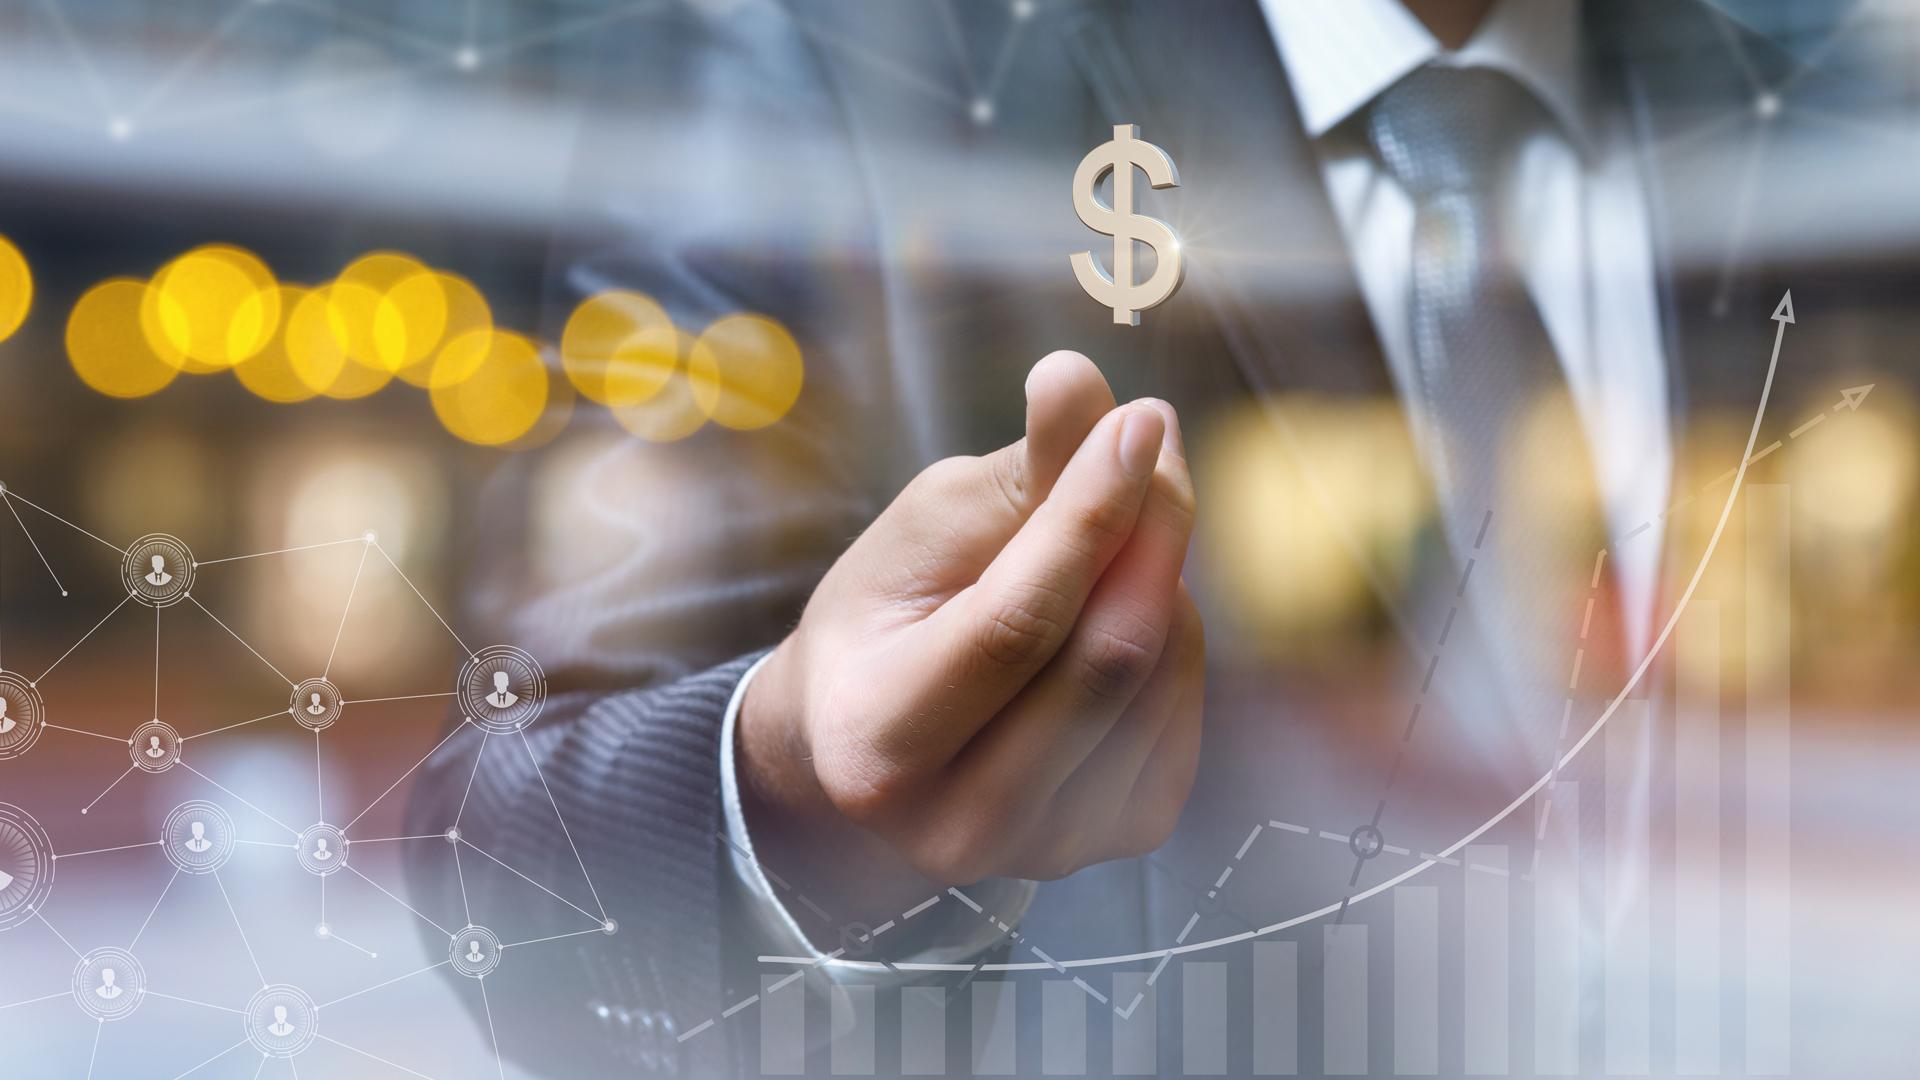 Kênh đầu tư tài chính là gì? Hướng dẫn cách đầu tư tài chính hiệu quả -  Nguyễn Thuyên